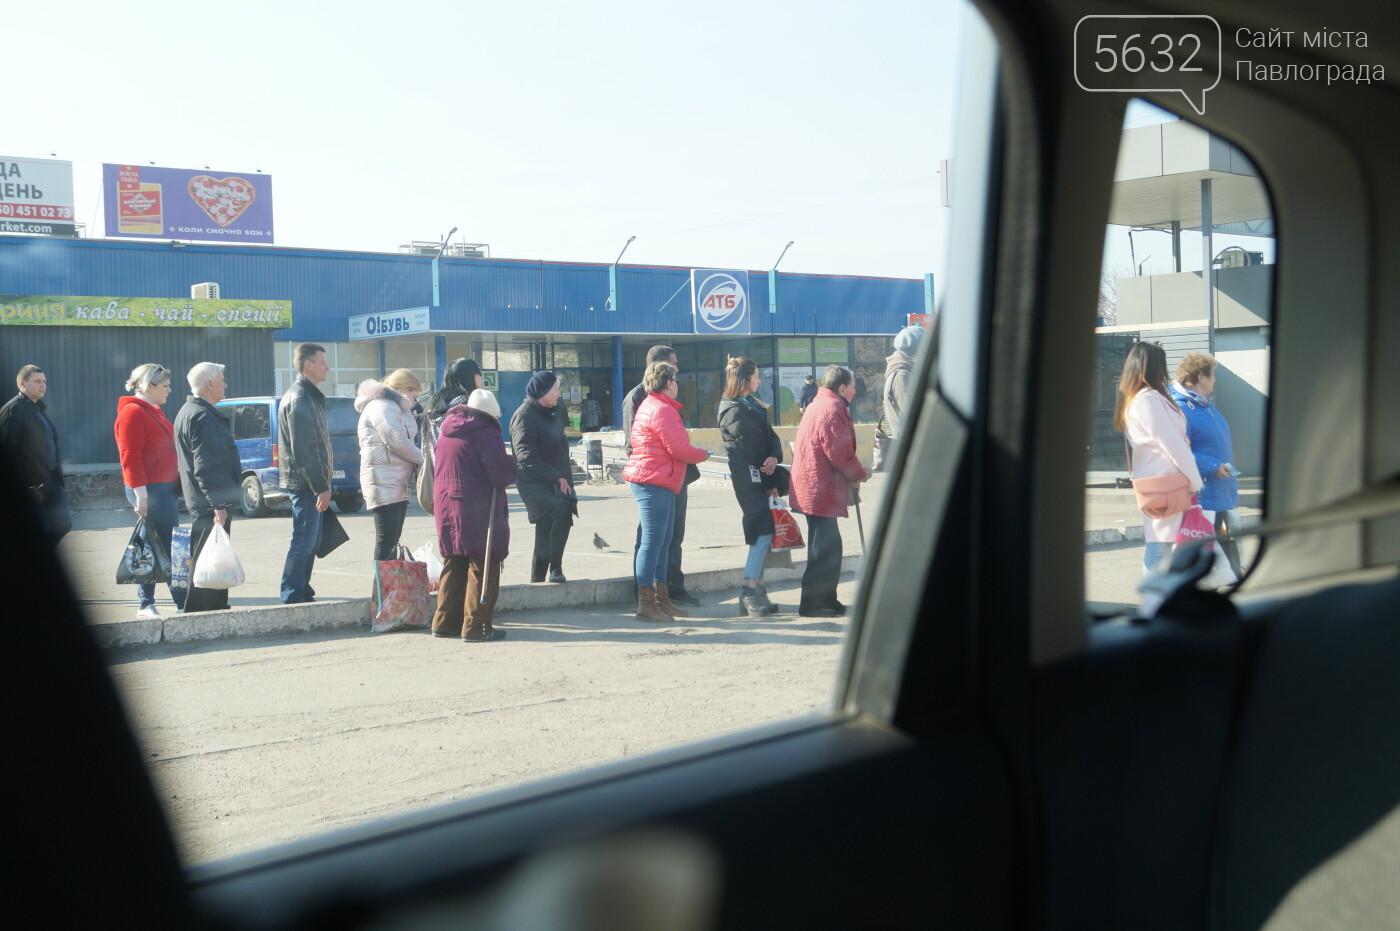 Транспорт по городу и за его пределами: 5632.com.ua узнал всё о передвижении павлоградцев , фото-22